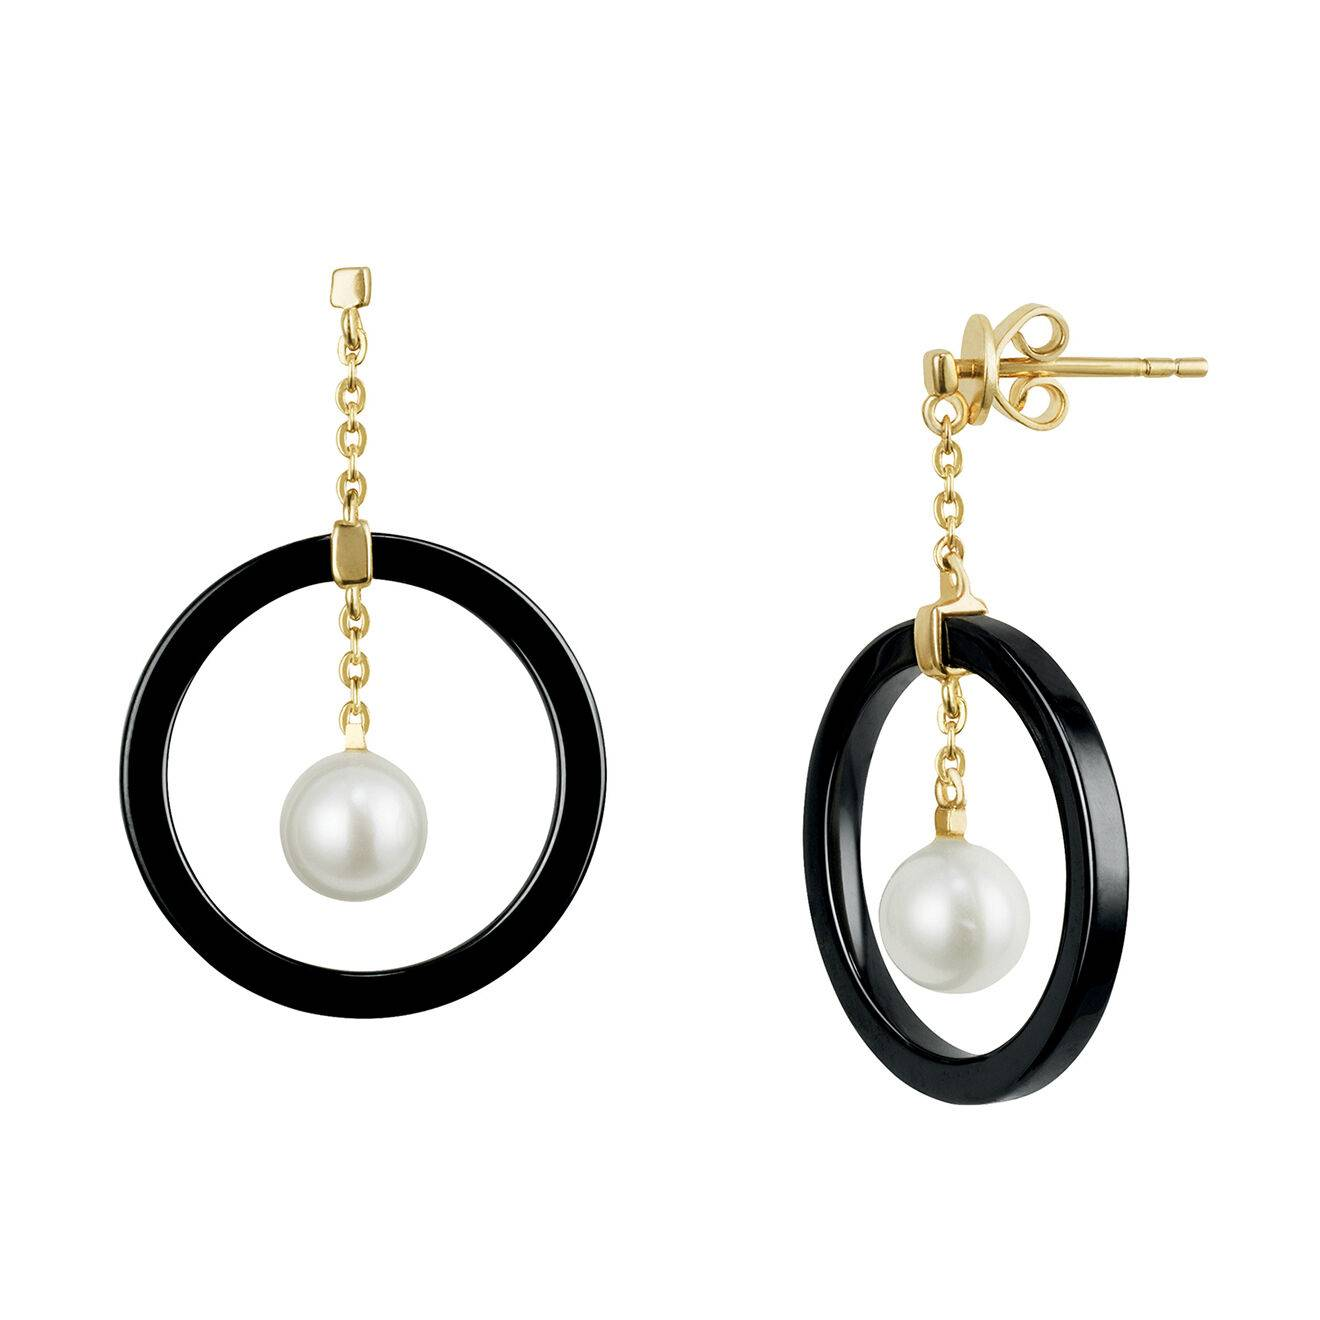 Misaki - Boucles d'oreilles Cheek en Argent et Perles de culture blanches